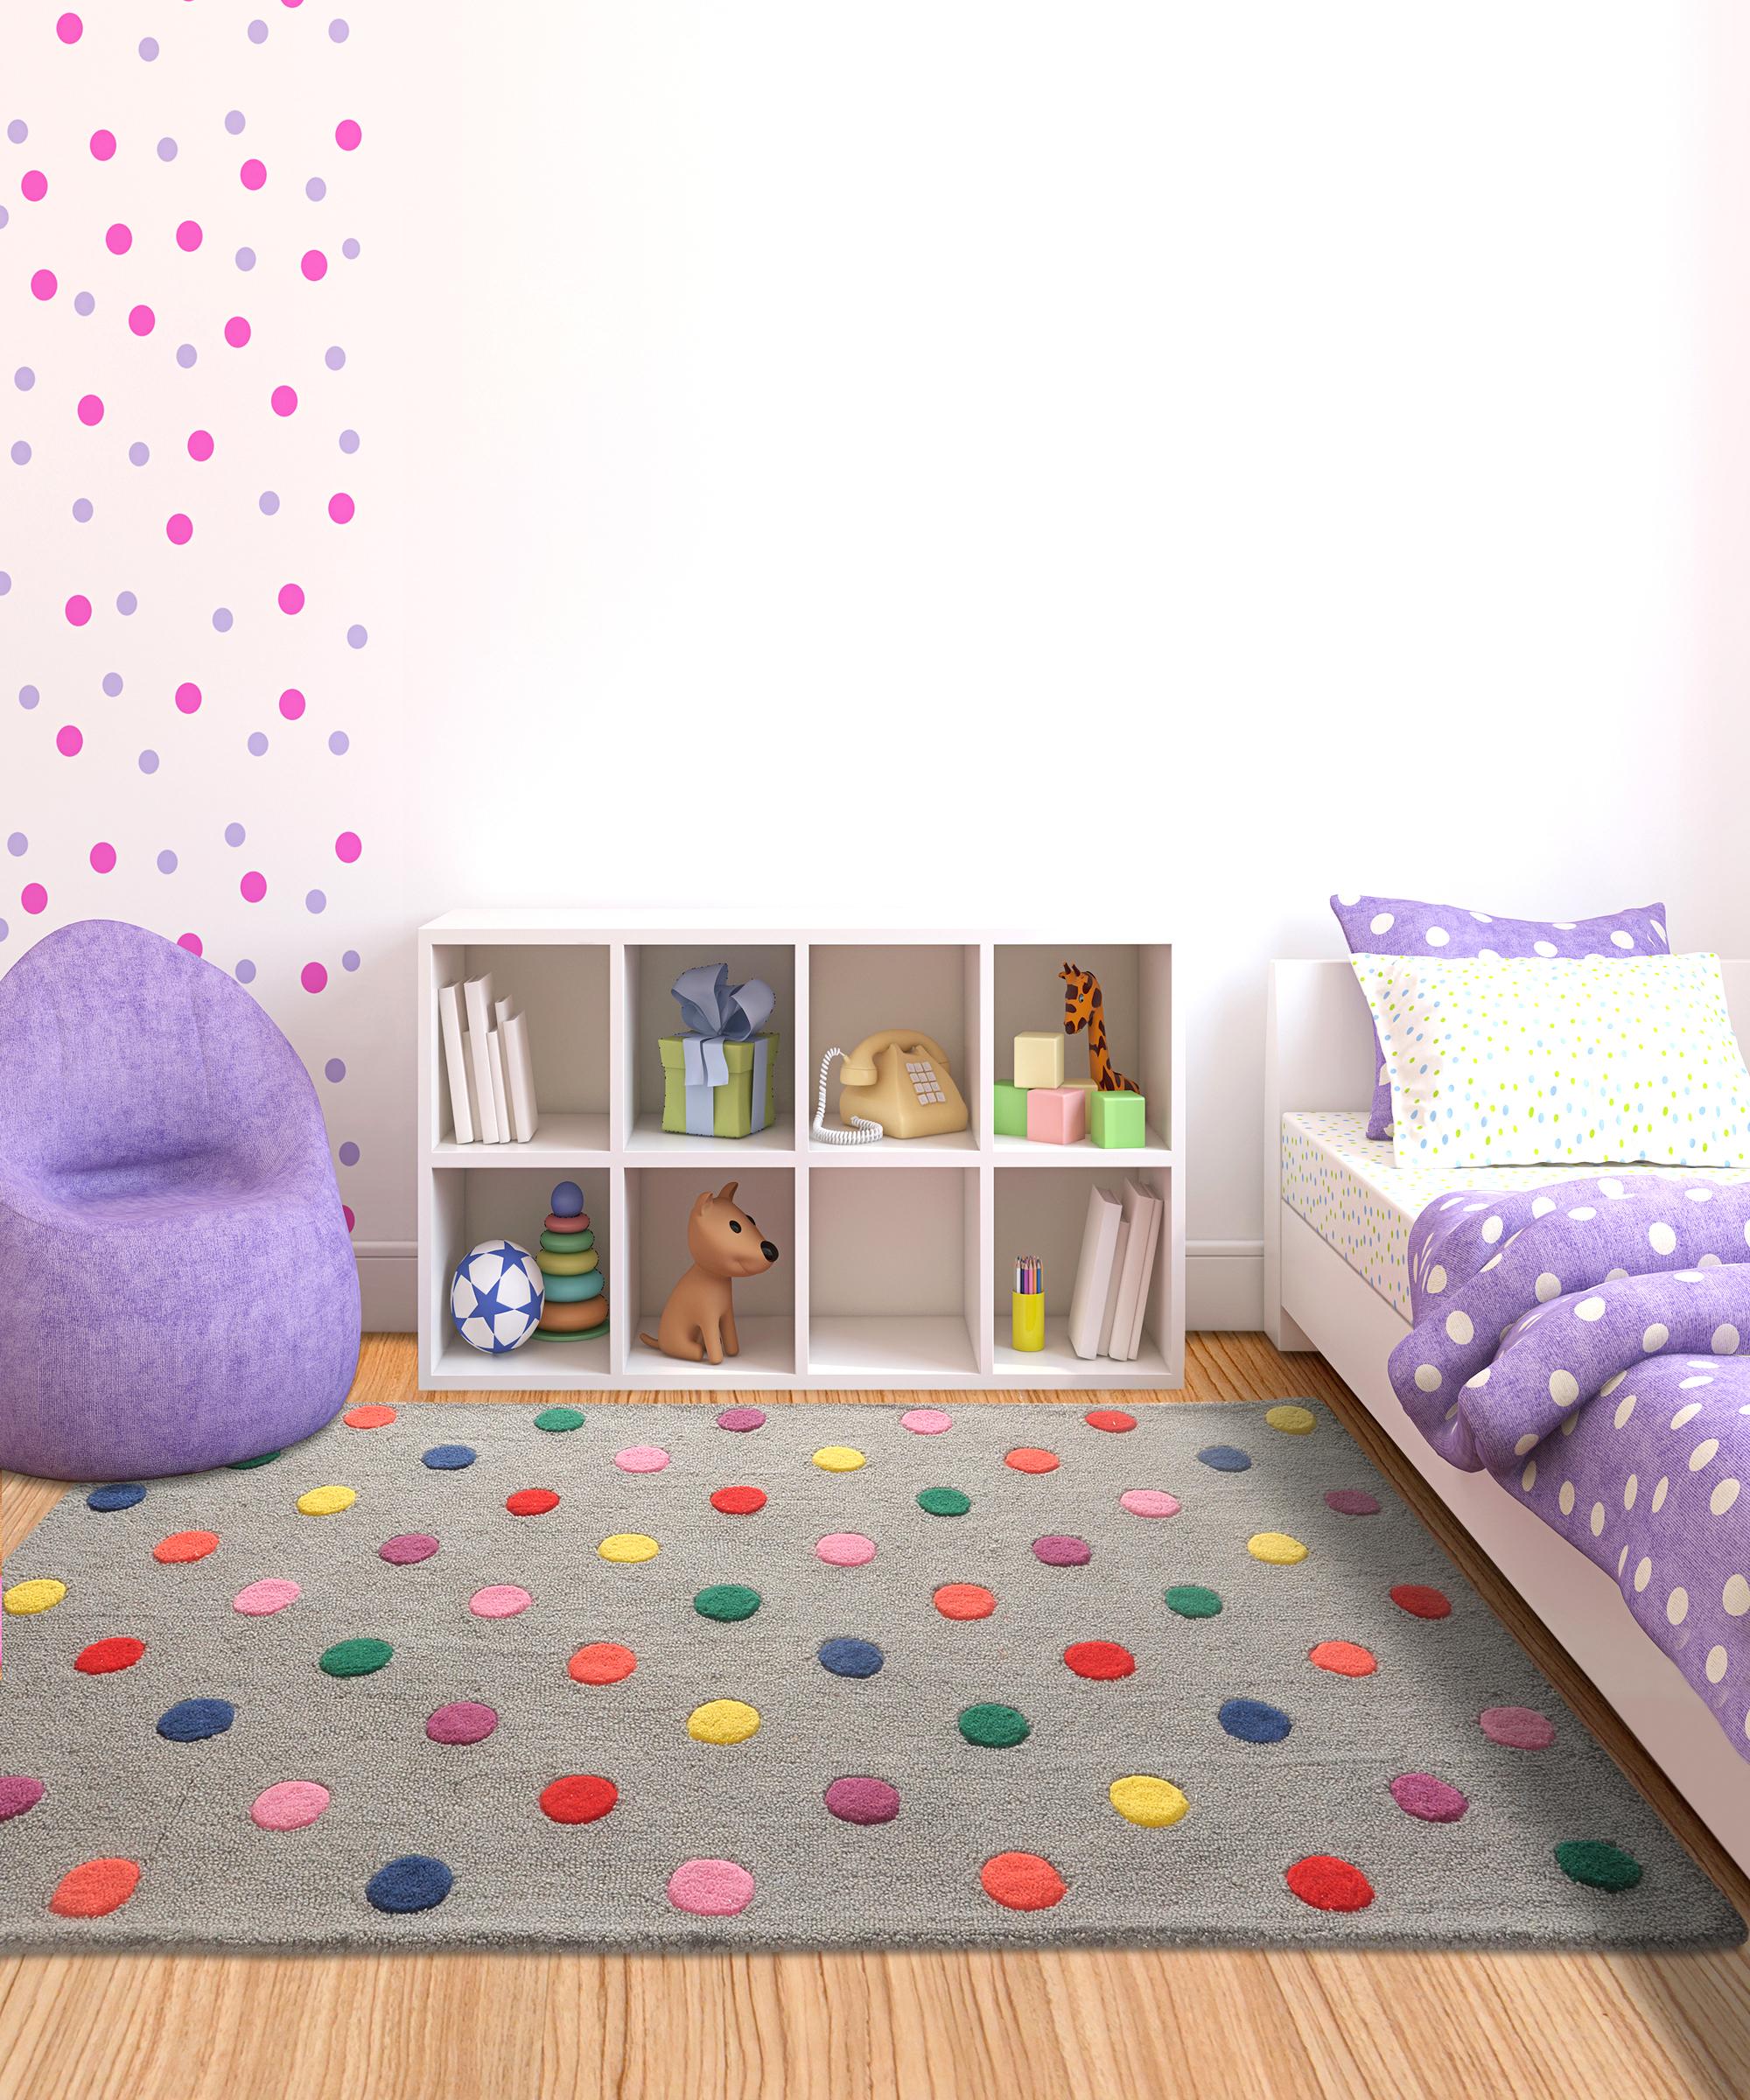 buy rugs online, grey rug, buy kids grey rug, handmade rugs, hand tufted rugs, colorful dot rug, living room rugs, area rugs, kids rugs, bedroom rugs, littlelooms rugs, versatile rugs